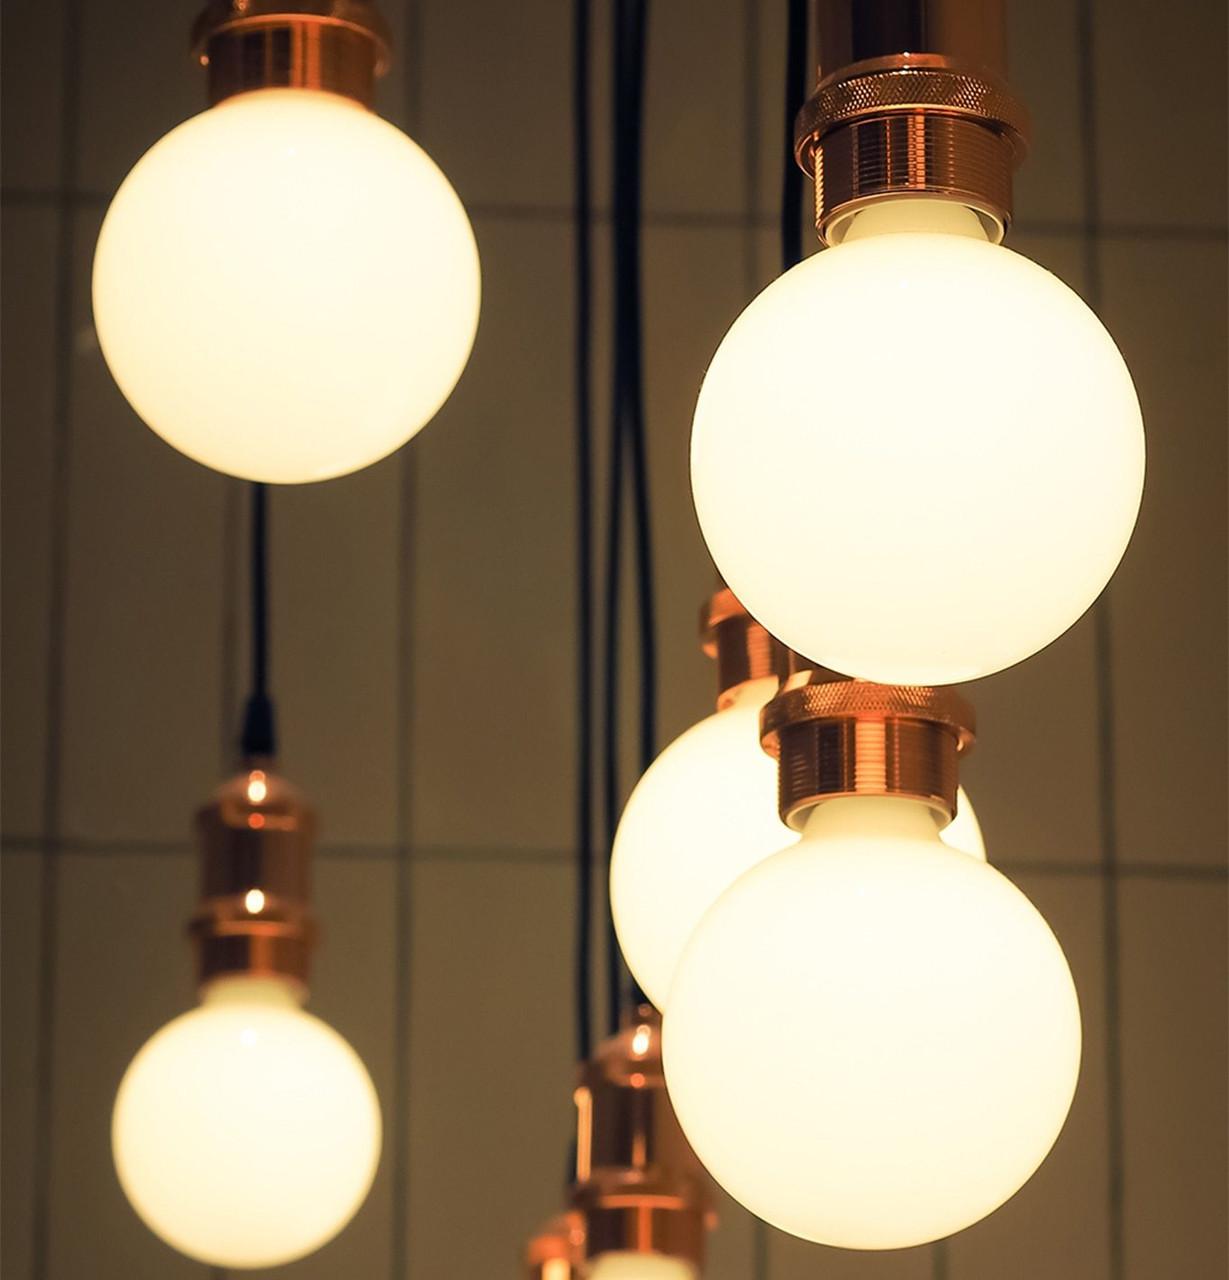 LED Dimmable Globe Crackle Light Bulbs